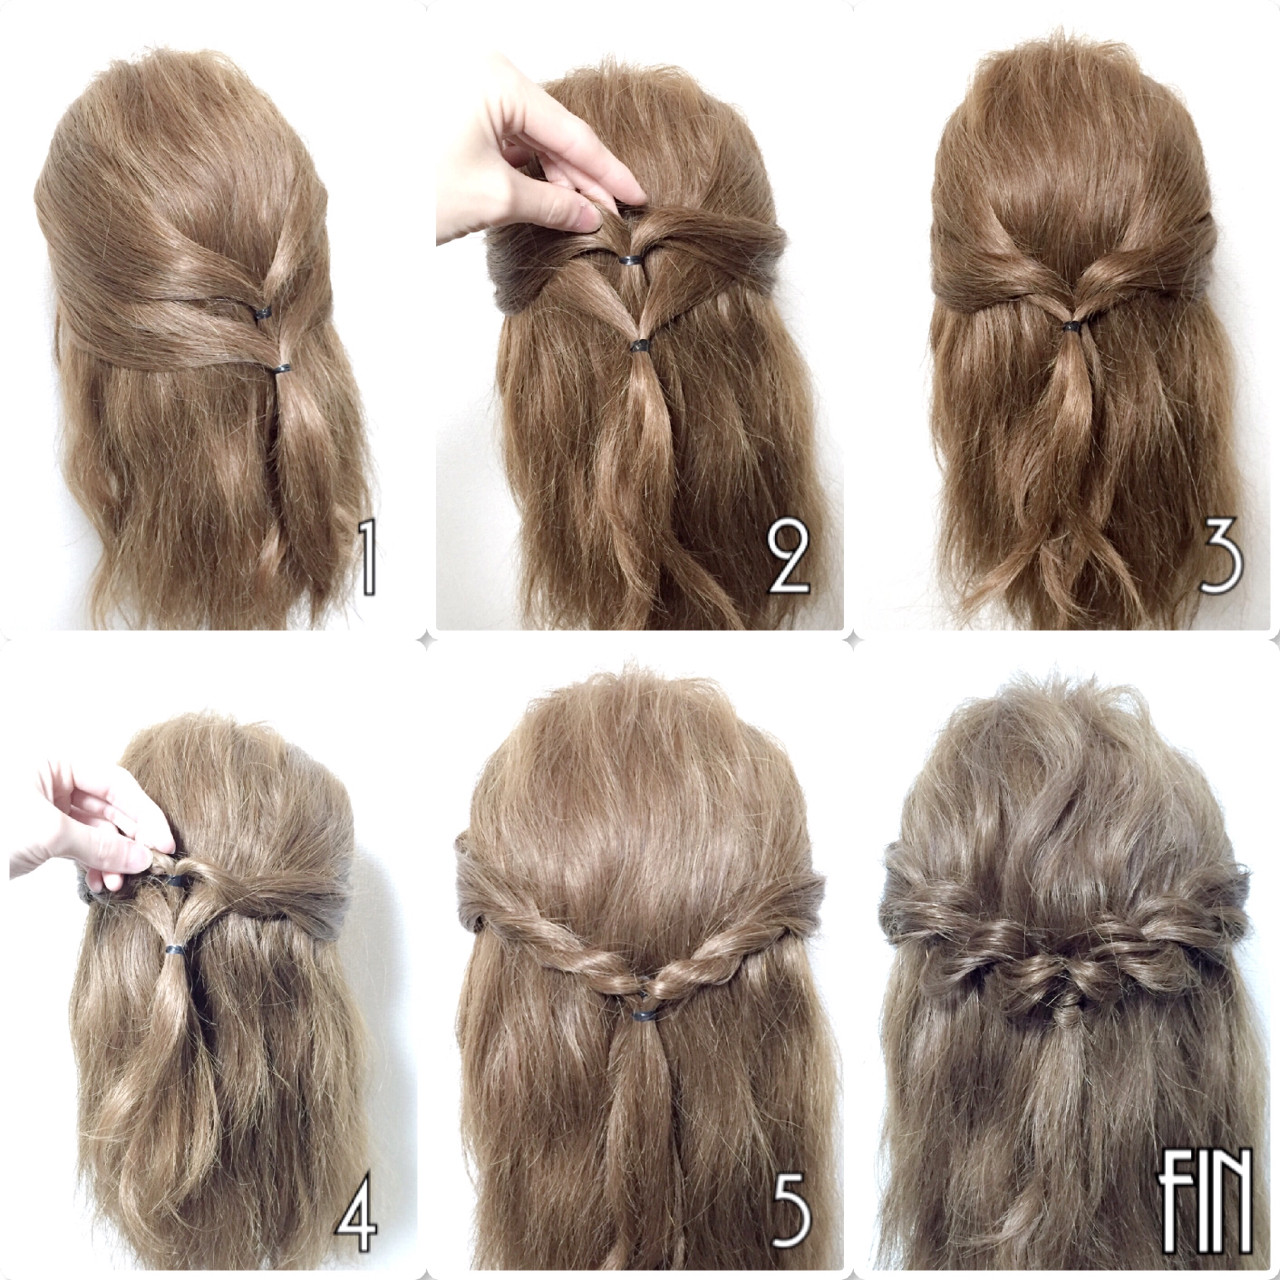 セミロング ショート 簡単ヘアアレンジ ロープ編み ヘアスタイルや髪型の写真・画像